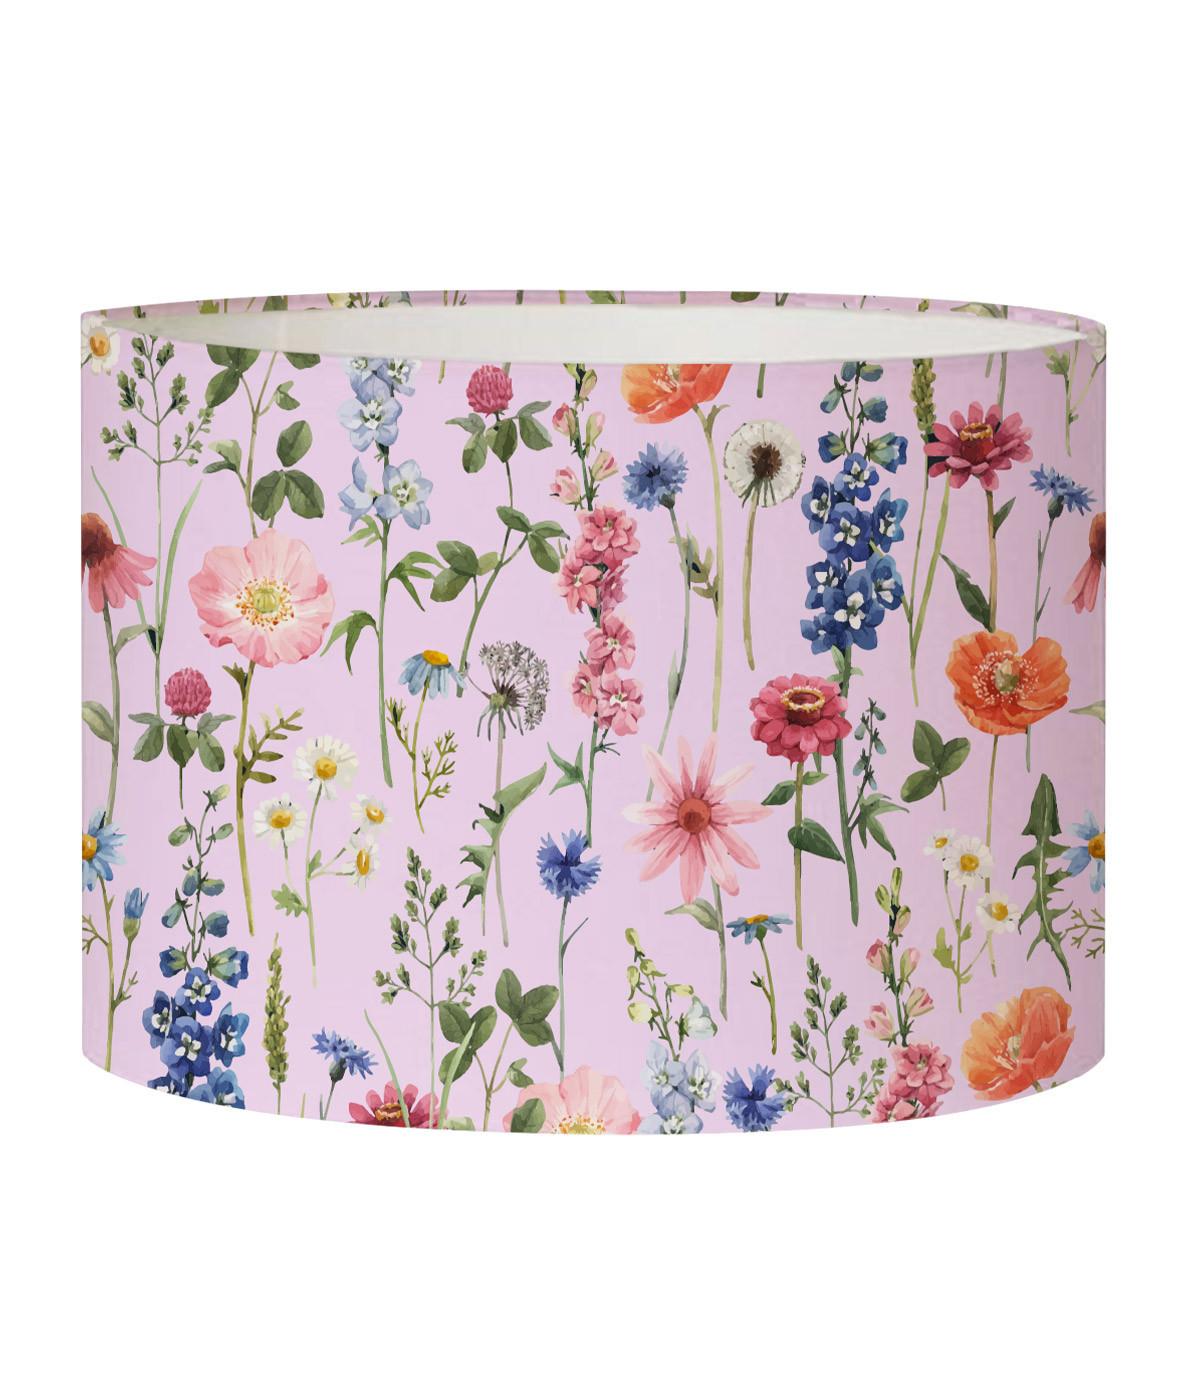 Abat-jour Lampadaire fleur rose acidulé D 45 x H 25